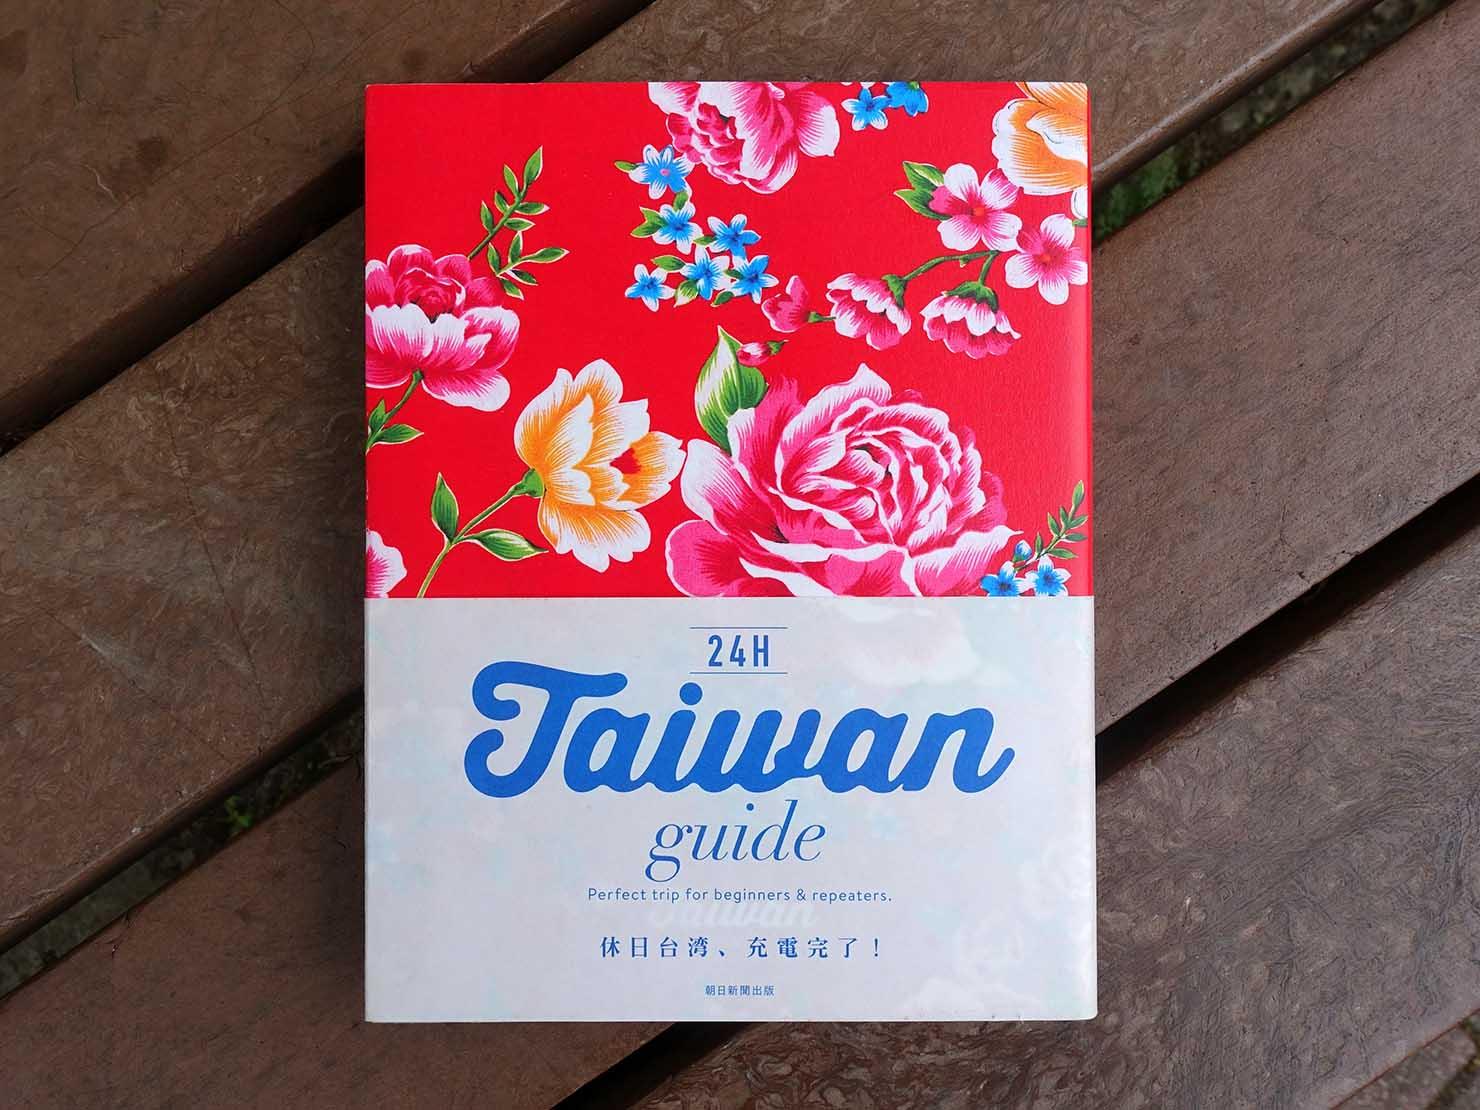 台北旅行におすすめのガイドブック『Taiwan guide 24H』